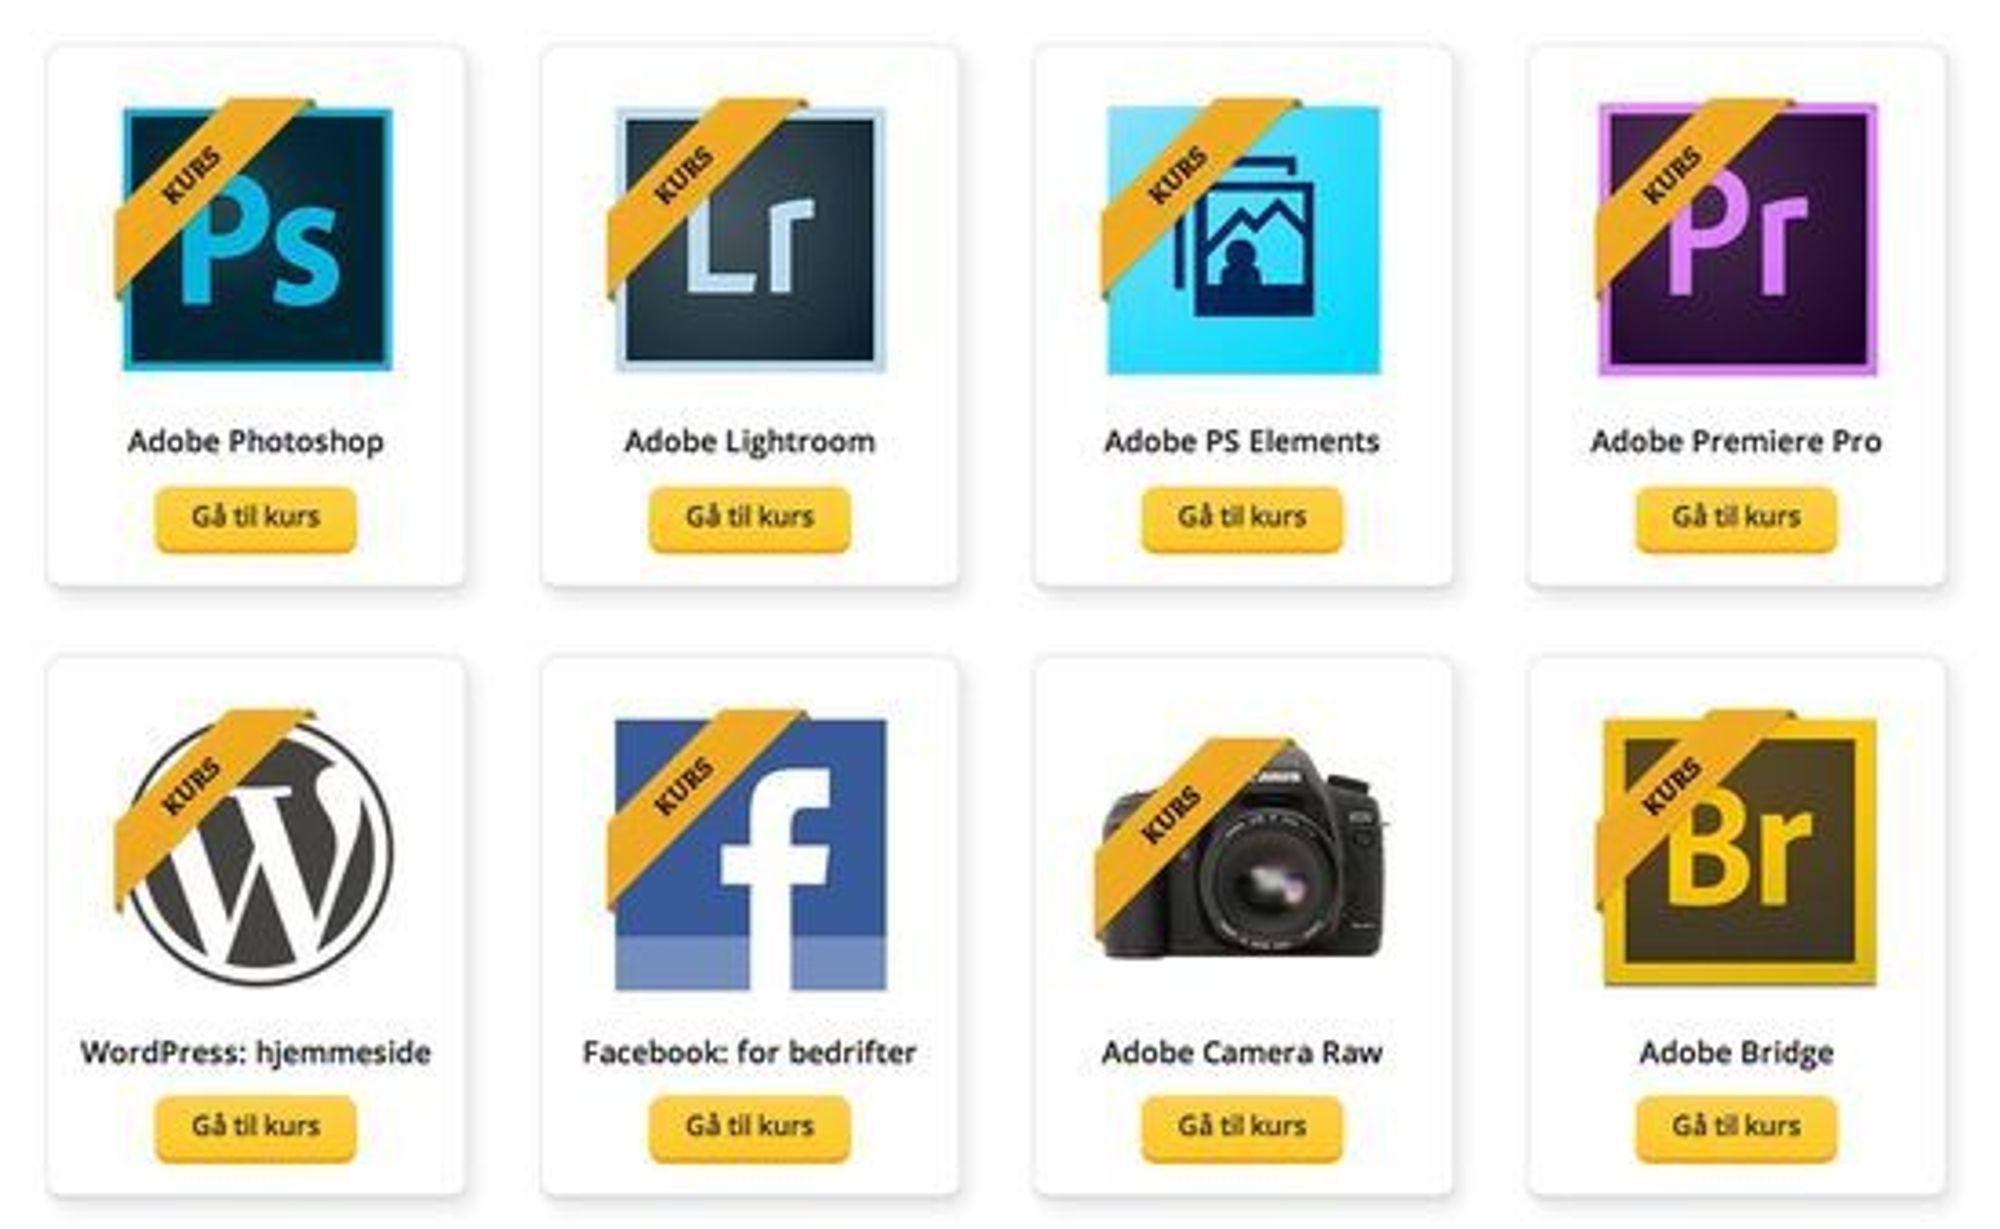 Utdannet.no spesialiserer seg på Adobe-programmer, men tilbyr også andre typer kurs.